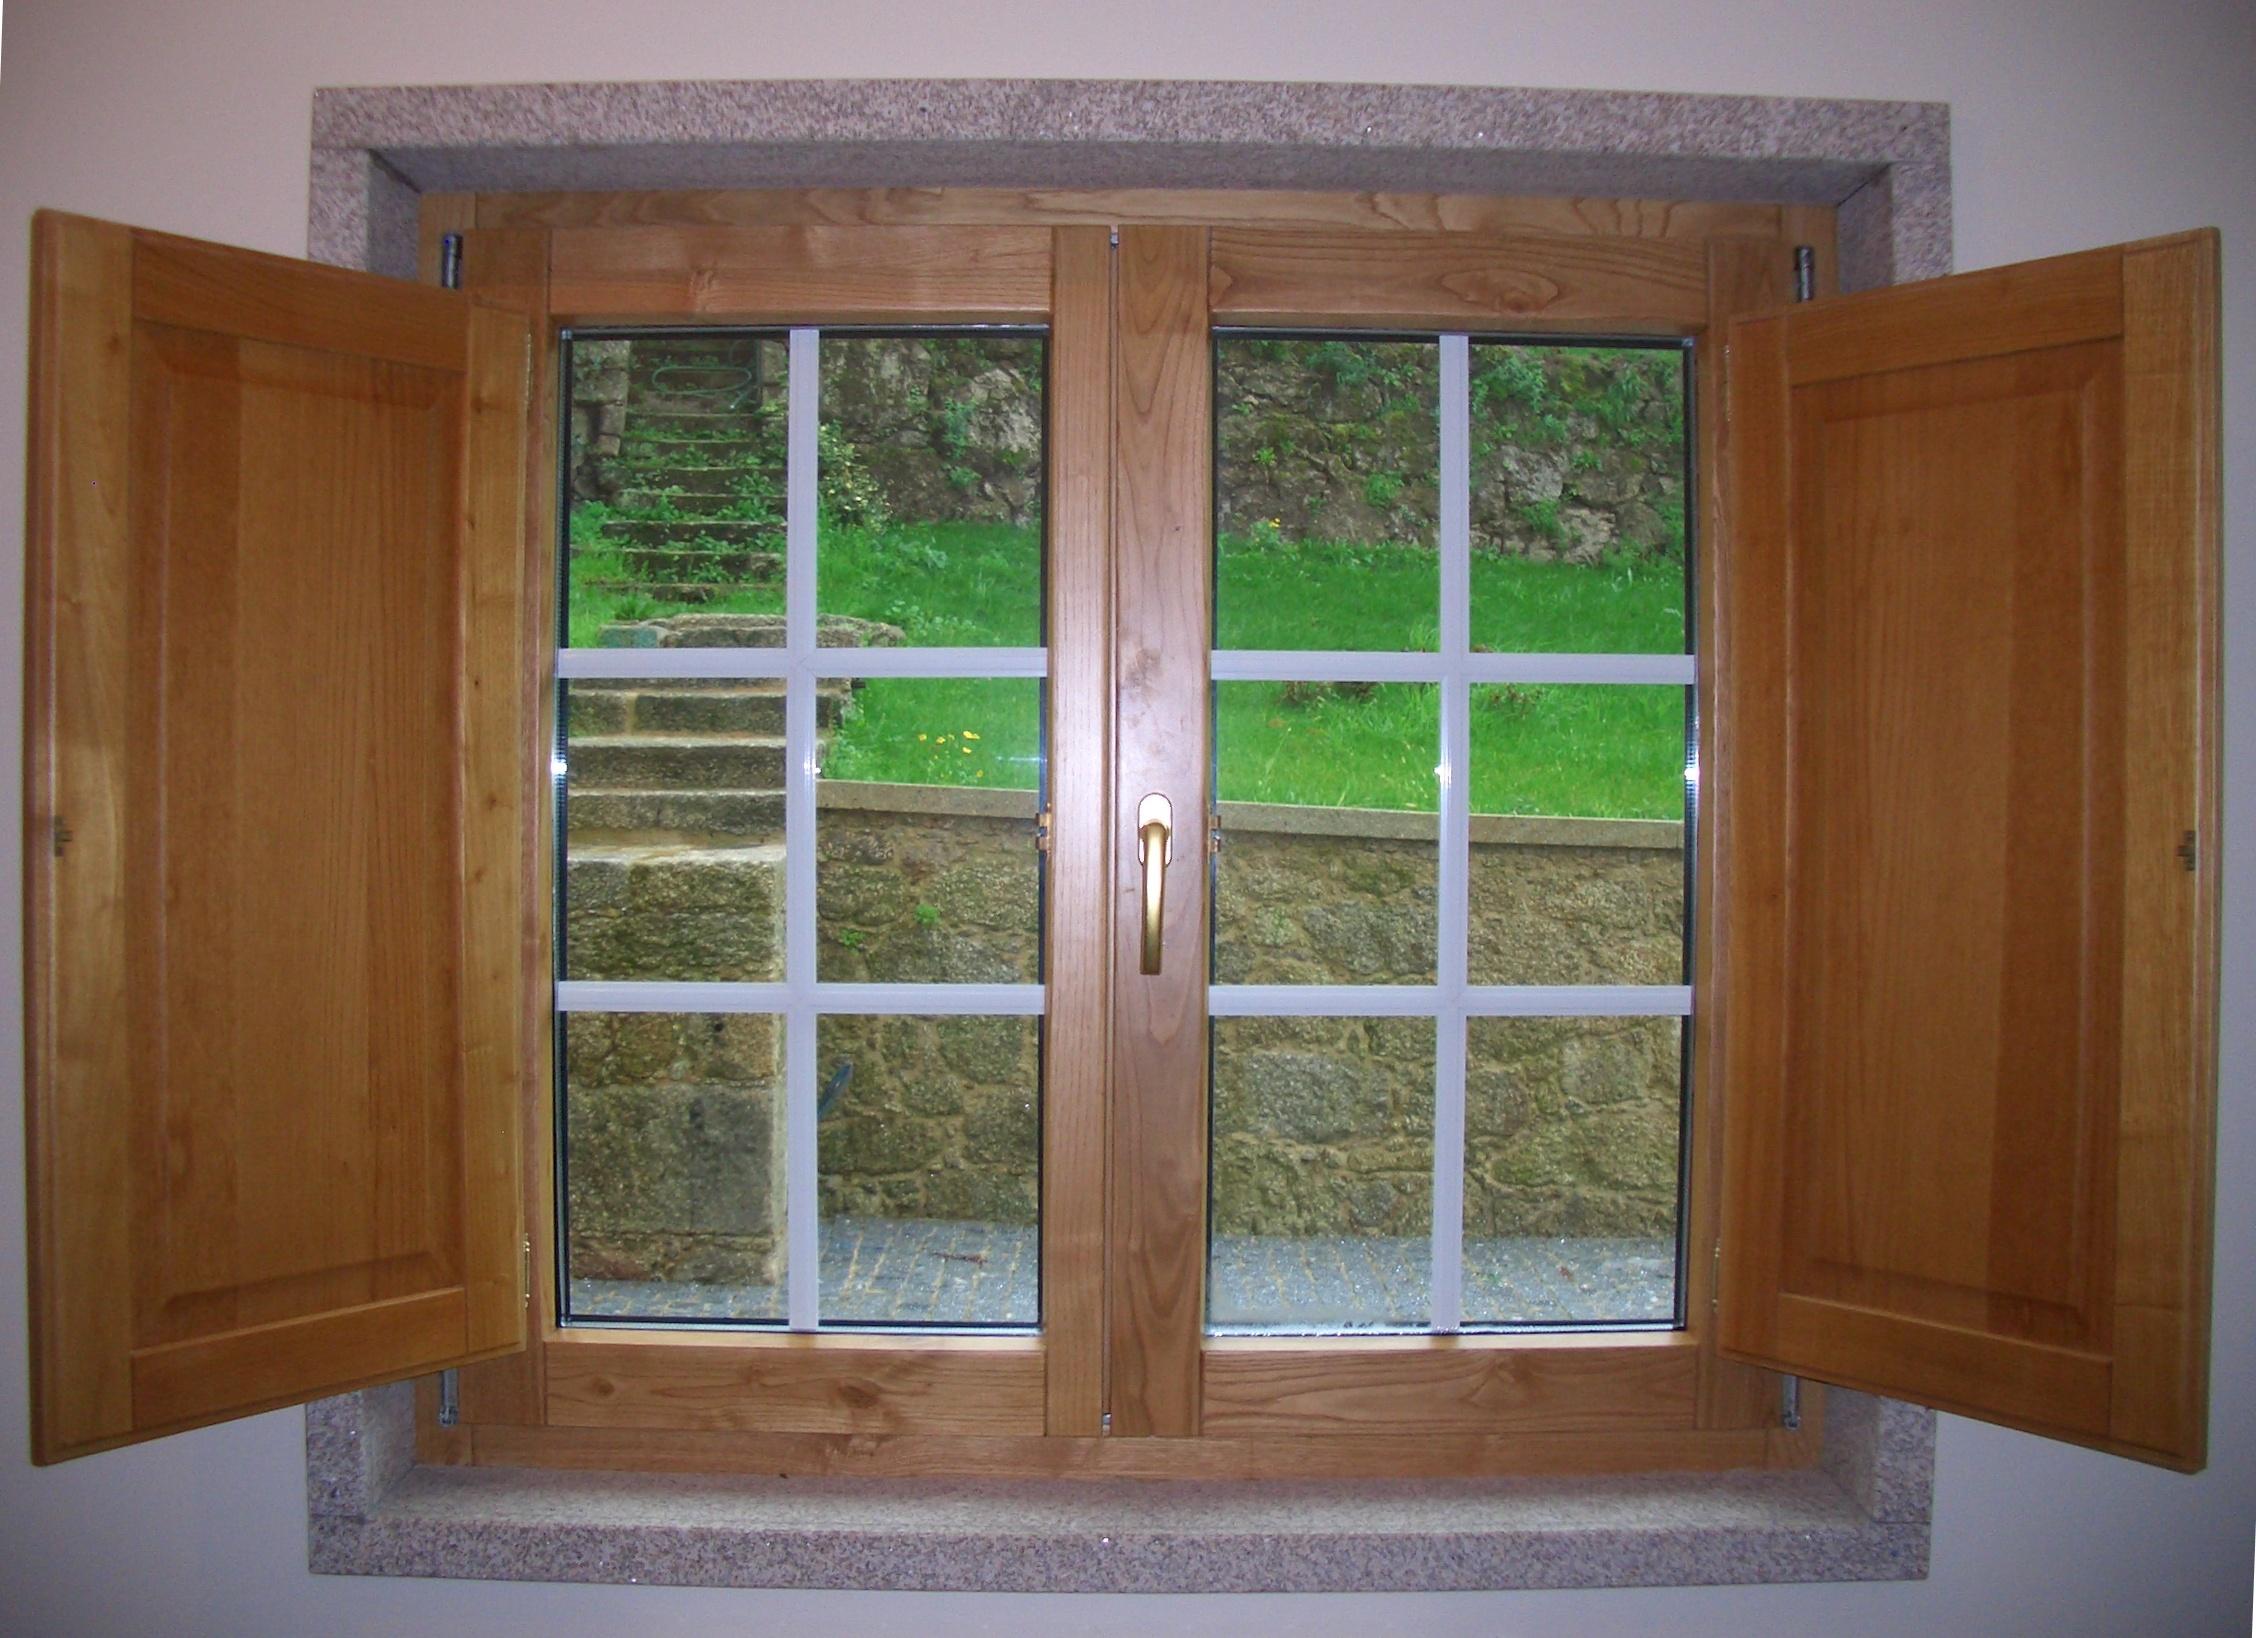 #6C4324 MADEIRA ALUMNIO janela madeira alumnio c/ portadas interiores janela  1668 Janela De Aluminio Madeira Madeira